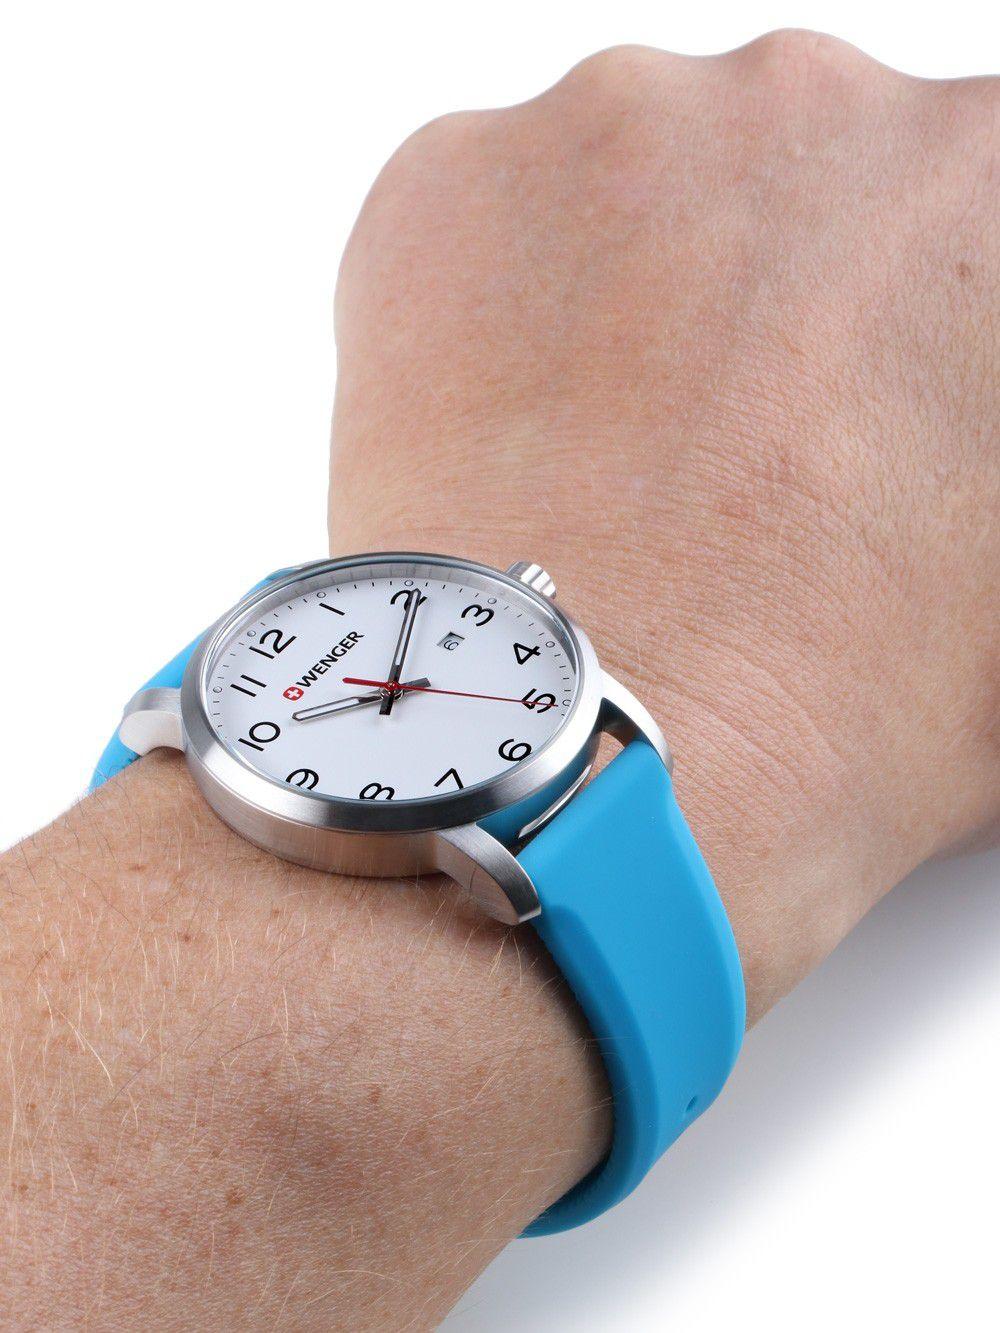 Relógio de Pulso suíço Wenger unissex linha Avenue 42mm 01.1641.109  - Mix Eletro